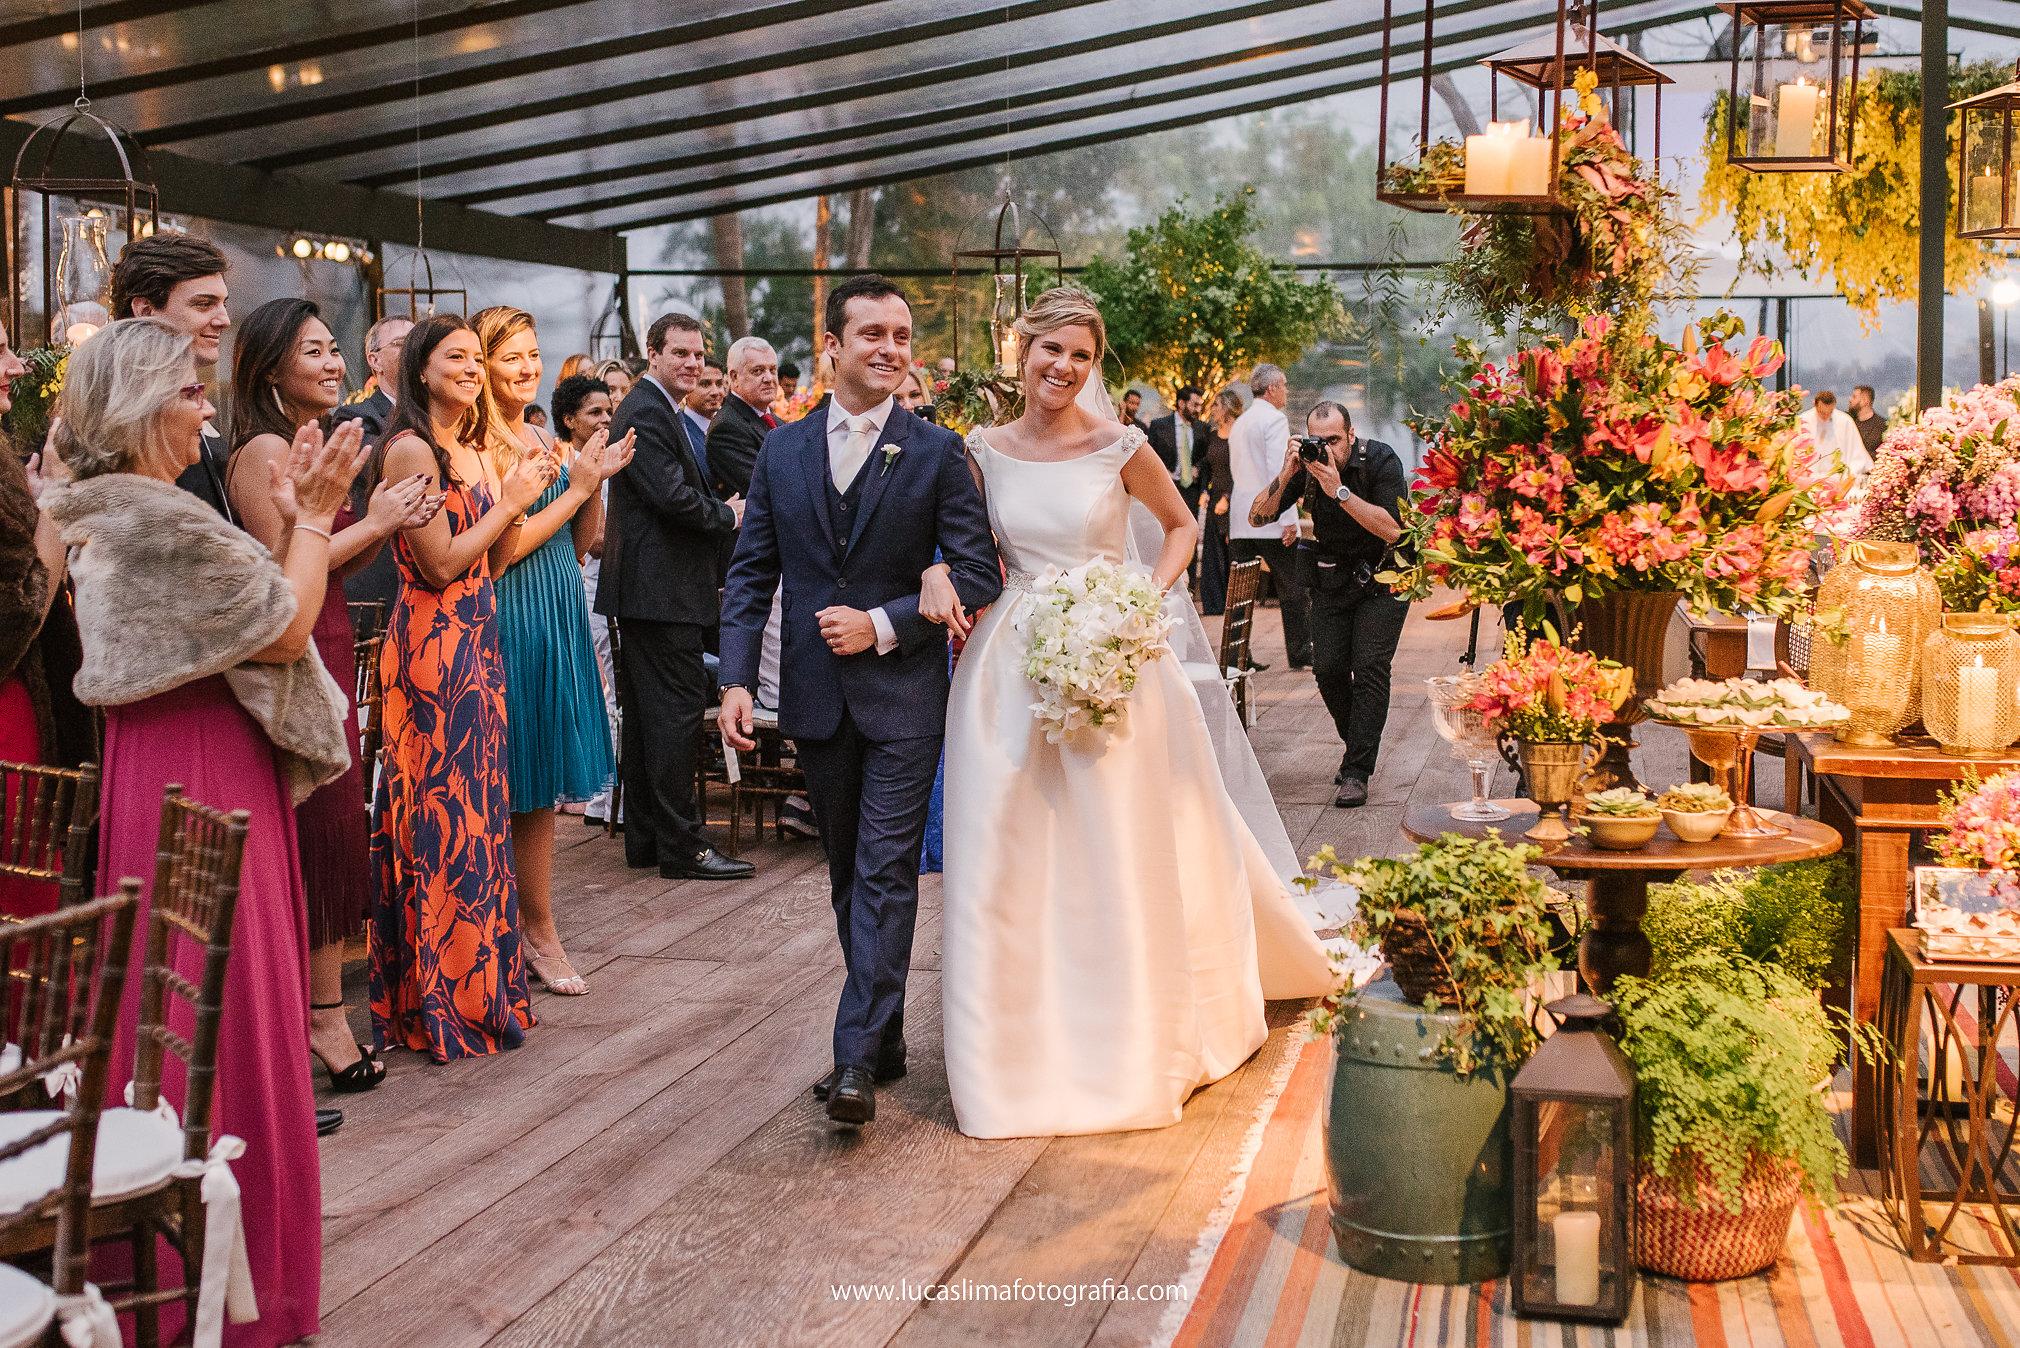 casamento-flavia-e-thomas-lucaslimafotografia-143